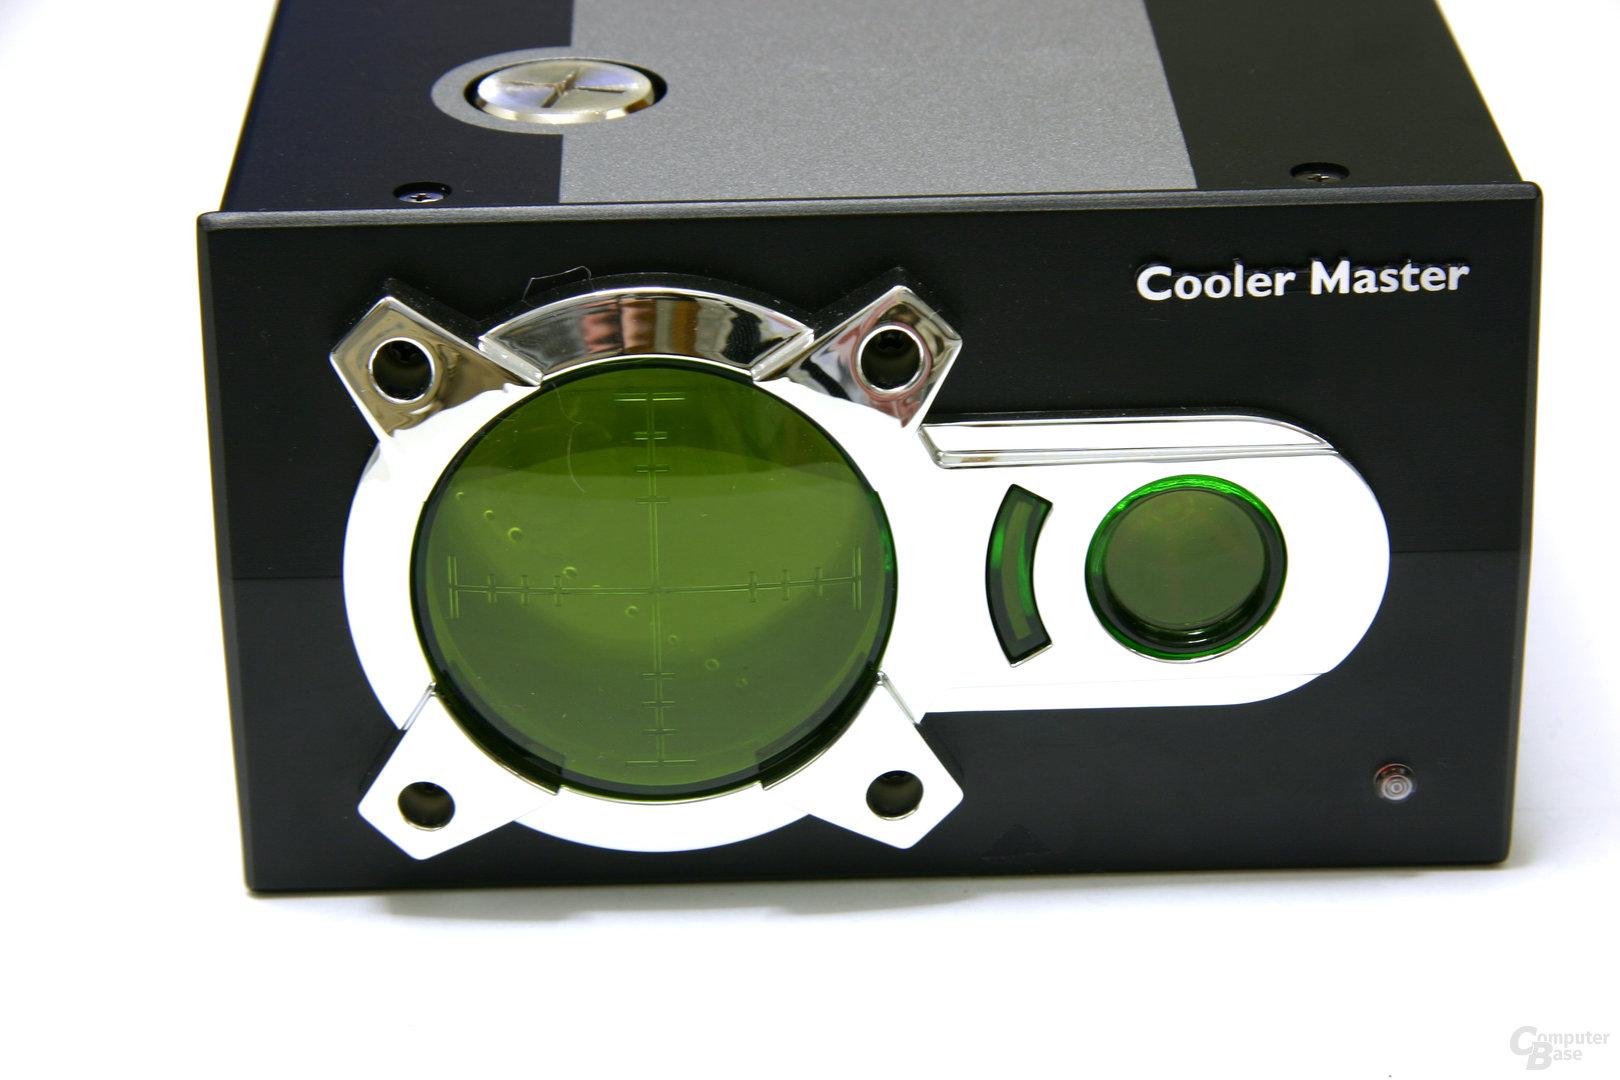 Coolermaster aquagate MAX